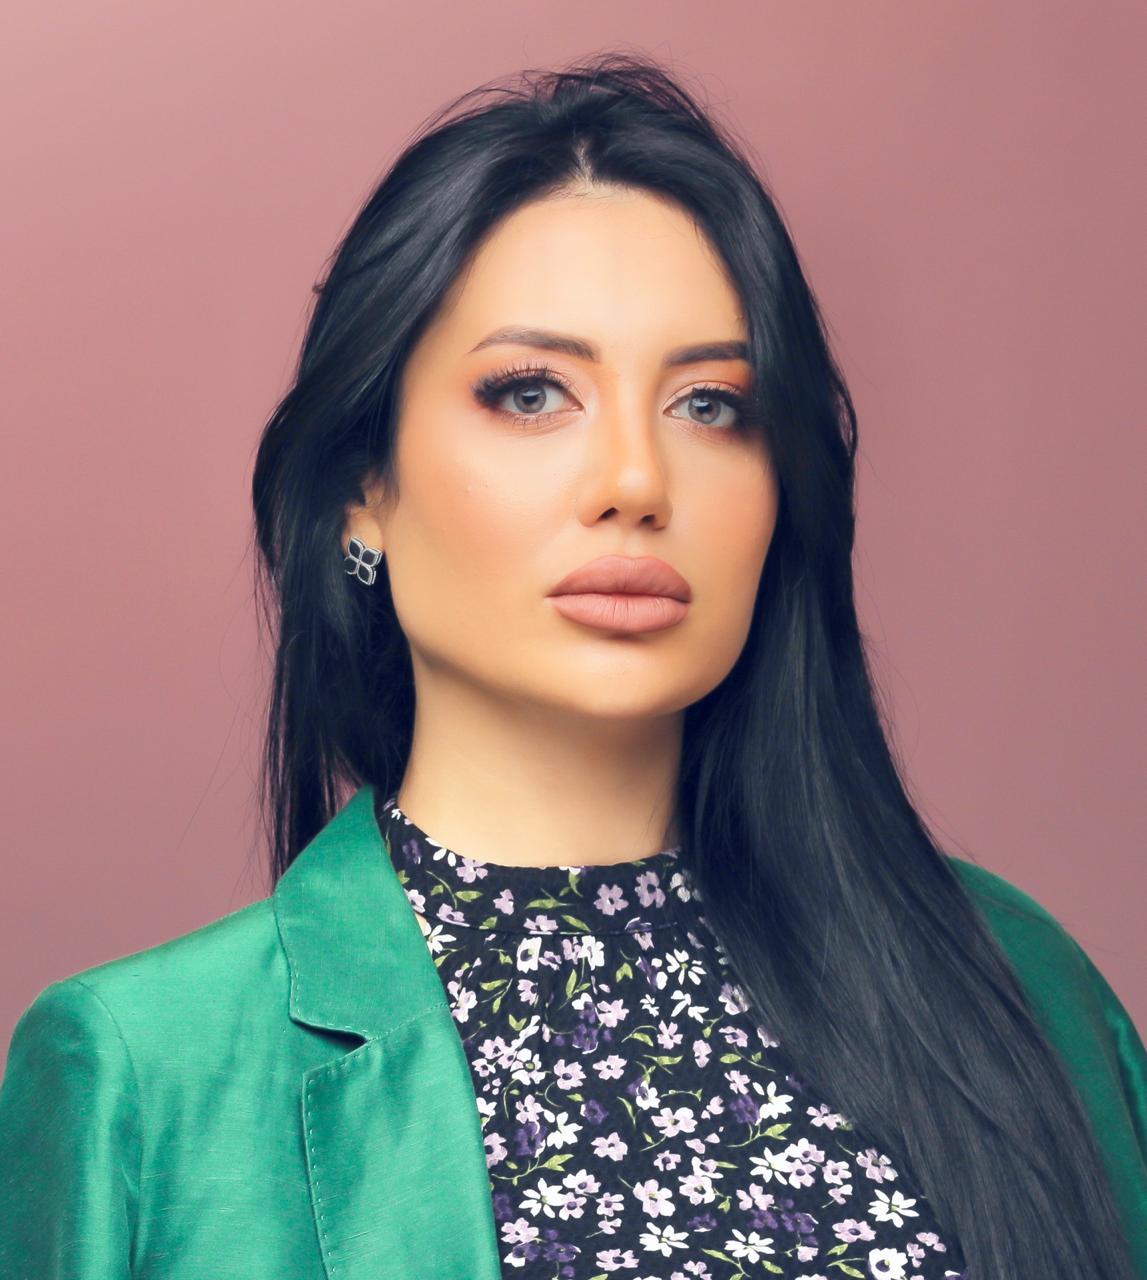 رئيسة وكالة الائتمان والتنمية الزراعية التابعة لوزارة الزراعة في أذربيجان : الحرب عطلت تنفيذ المشروعات الزراعية التي تقوم بها المنظمات الدولية